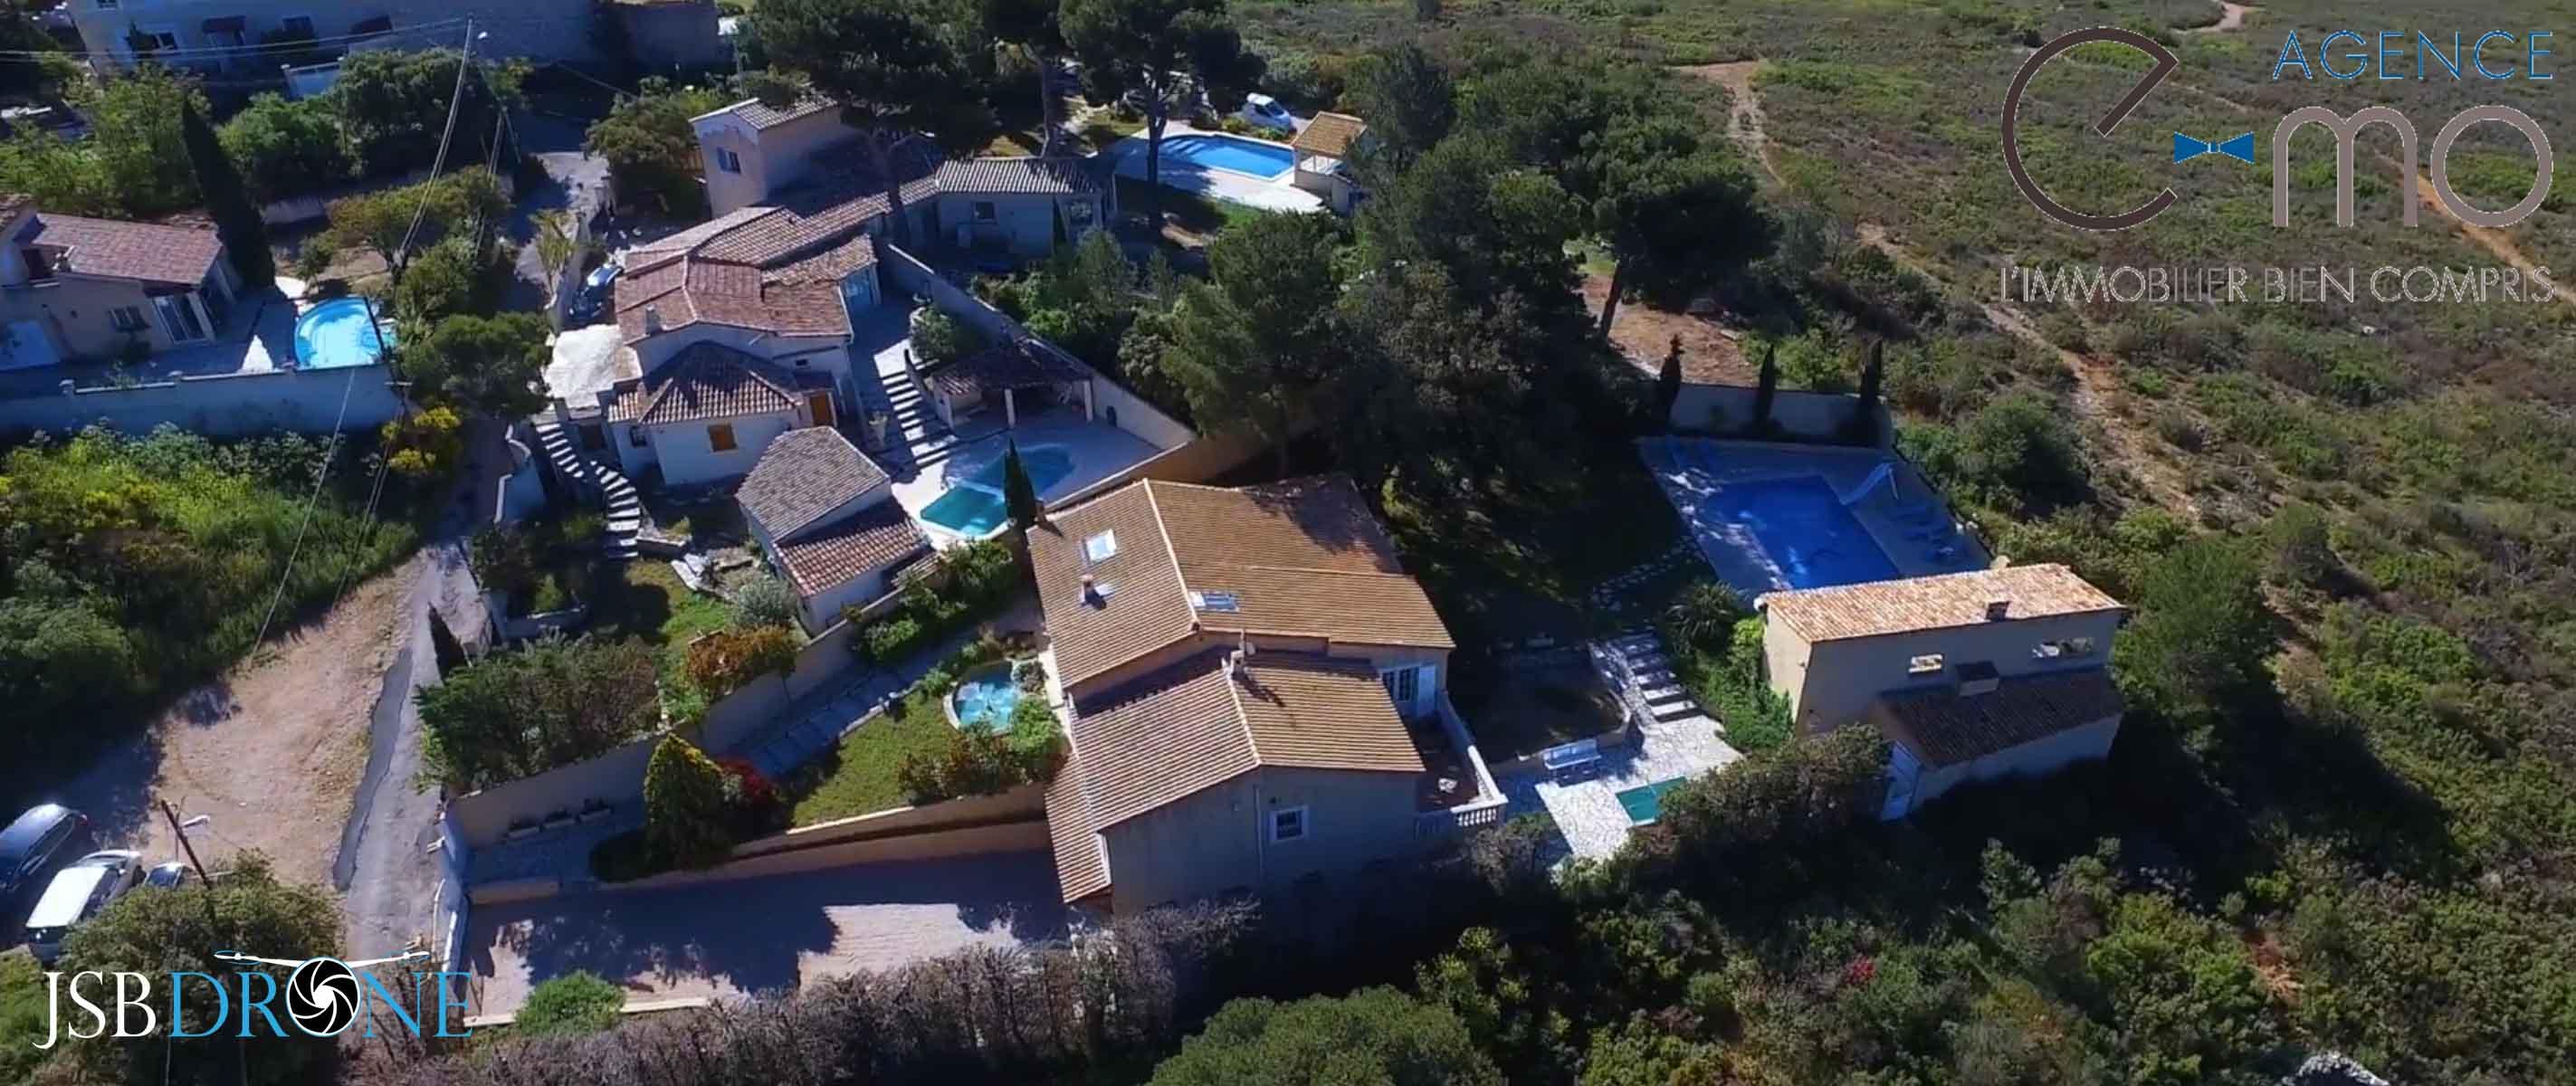 e-mo vue en drone maison T5 marseille